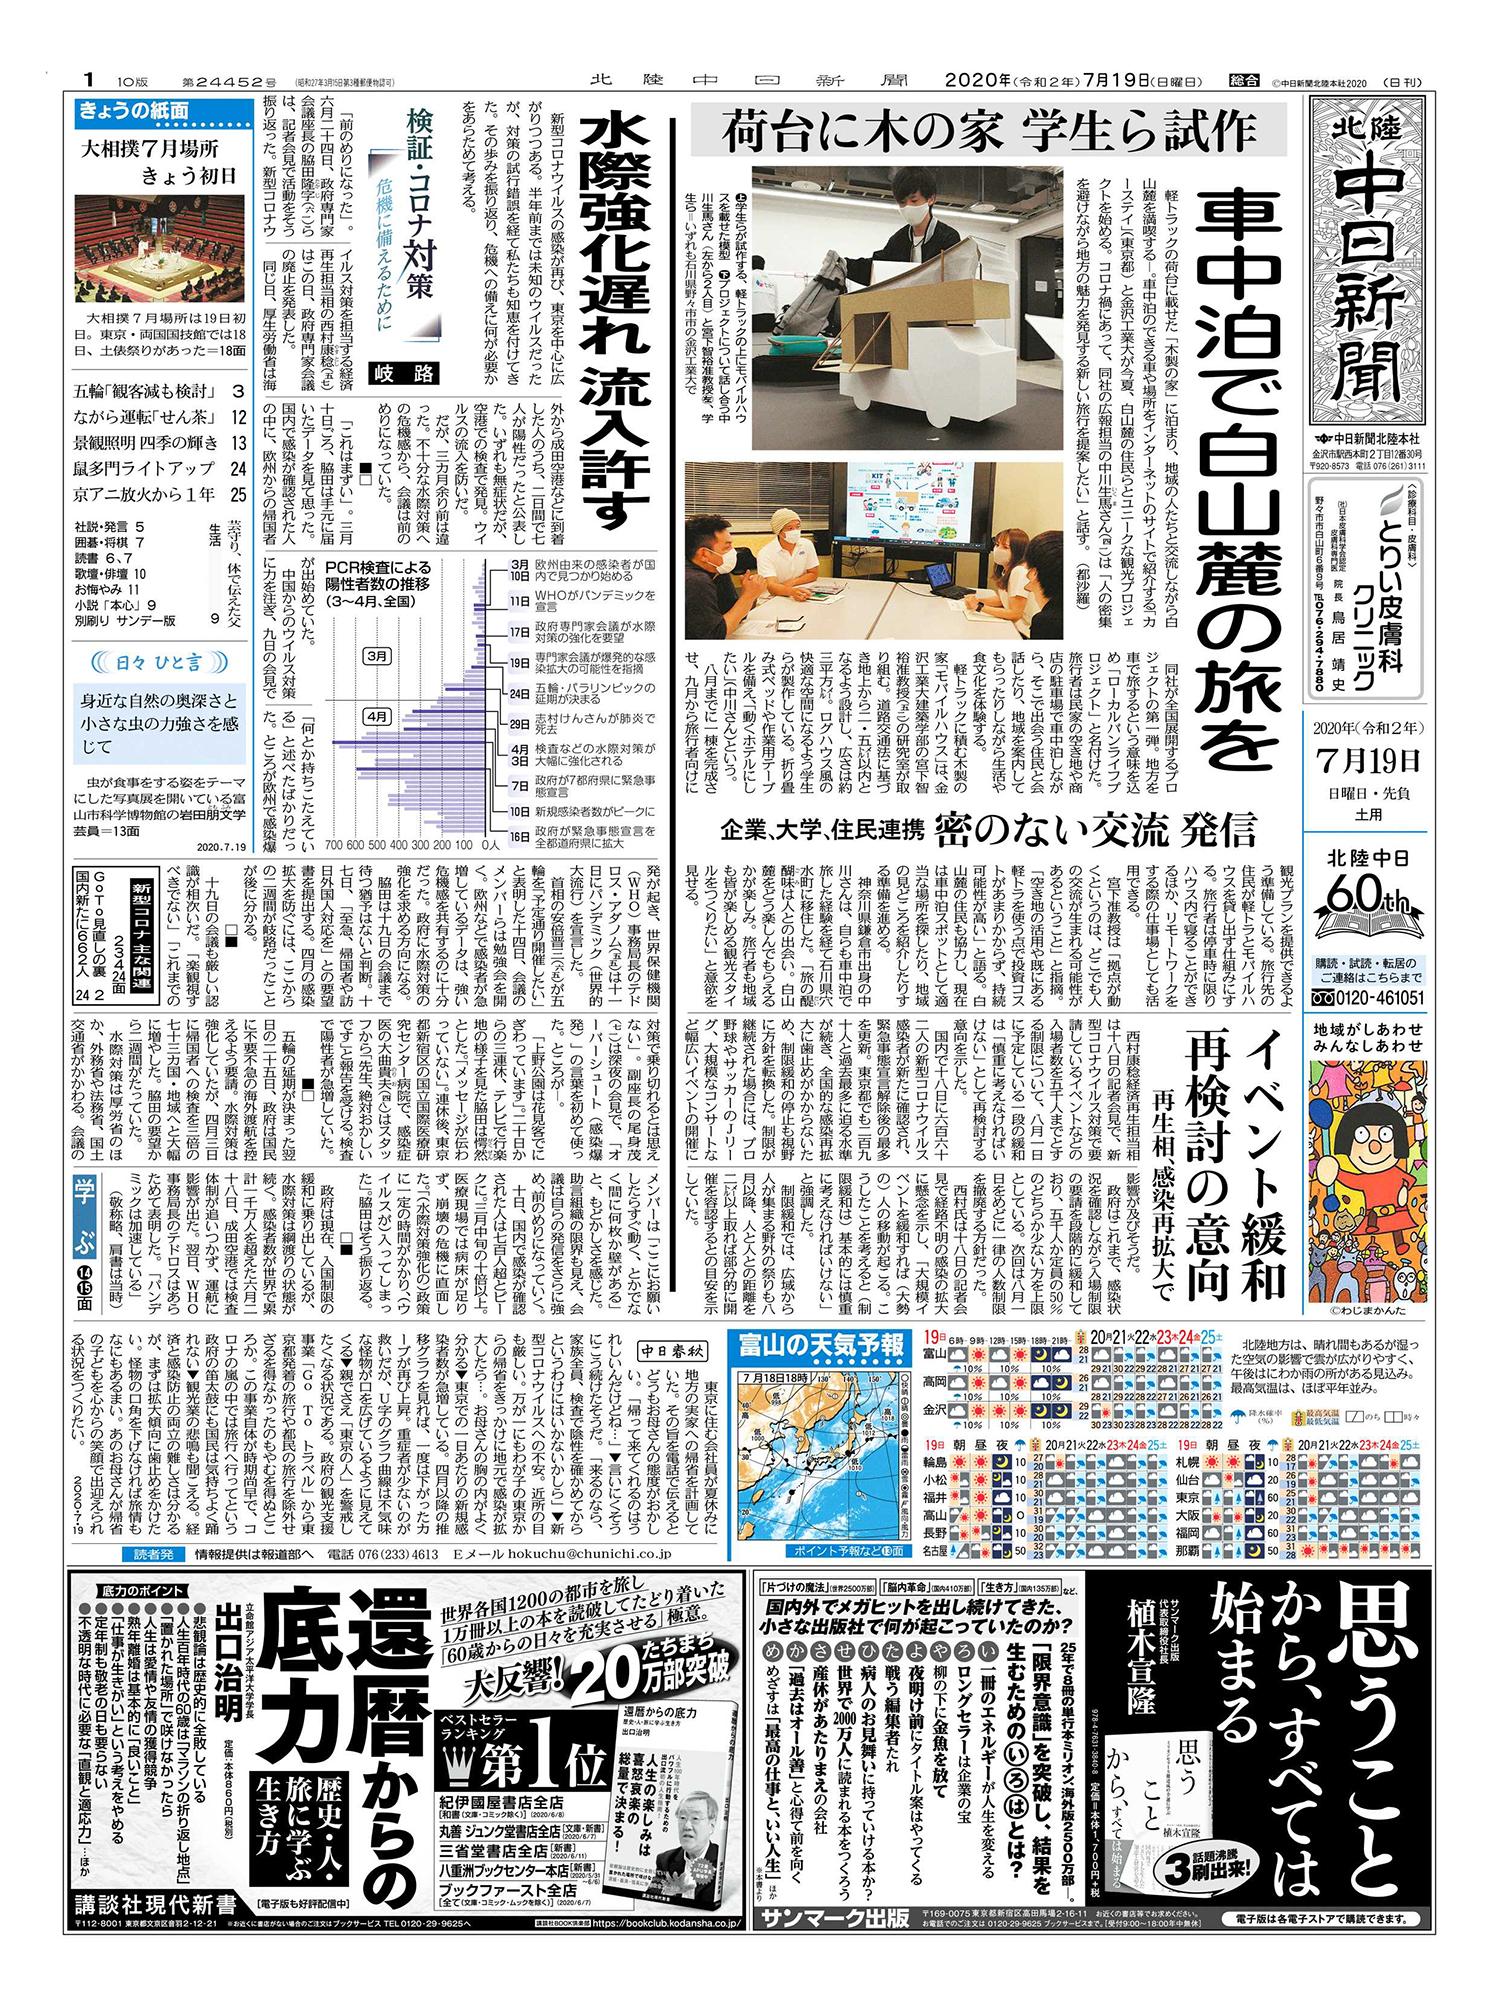 中日新聞 車中泊 軽トラックに載せた「家」に泊まり、地域の人と交流しながら白山麓を満喫―。車中泊のできる場所をオンラインで紹介する会社「Carstay(カースティ)」(東京都)と金沢工業大が今夏から、白山麓の住民とユニークな観光プロジェクトを始める。同社広報担当の中川生馬さん(41)は「地方の魅力を体験する新しい旅行を提案したい」と話す。同社が全国で行うプロジェクトの第一弾としてスタートする。地方を車で旅するという意味を込め、「ローカルバンライフプロジェクト」と名付けた。旅行者は民家の空き地や商店の駐車場を車中泊の拠点に住民と交流しながら、生活や食文化を体験する。軽トラックの荷台に積む木製の家「モバイルハウス」は金沢工業大建築学部の宮下智裕准教授(52)の研究室が取り組む。広さは約三平方㍍だが、ログハウス風の快適な空間になるよう学生らが製作中で「動くホテルにしたい」(中川さん)という。八月までに一棟を完成させ、九月から旅行者向けに観光プランを提供できるよう準備している。旅行先の住民が軽トラを、同社がモバイルハウスを貸し出して荷台にモバイルハウスを設置する。旅行者は宿泊や観光のほか、リモートワークをする際の仕事場としての活用もできる。宮下准教授は「拠点が動くのは、どこでも人との交流が生まれる可能性があるということ」と指摘。さらに「使われていない空き地の活用や既にある軽トラを使うという投資コストの低さも持続可能性が高い」と語る。白山麓の住民も協力し、現在は車中泊スポットとして適当な場所を探したり地域の見どころを紹介する準備をしている。神奈川県鎌倉市出身の中川さんは、自らも車中泊で旅した経験を経て石川県穴水町に移住した。「旅の醍醐味は人との出会い。白山麓をどう楽しんでもらえるか楽しみ。旅行者も地域も皆が楽しめる観光スタイルを作りたい」と意欲を見せる。都沙羅